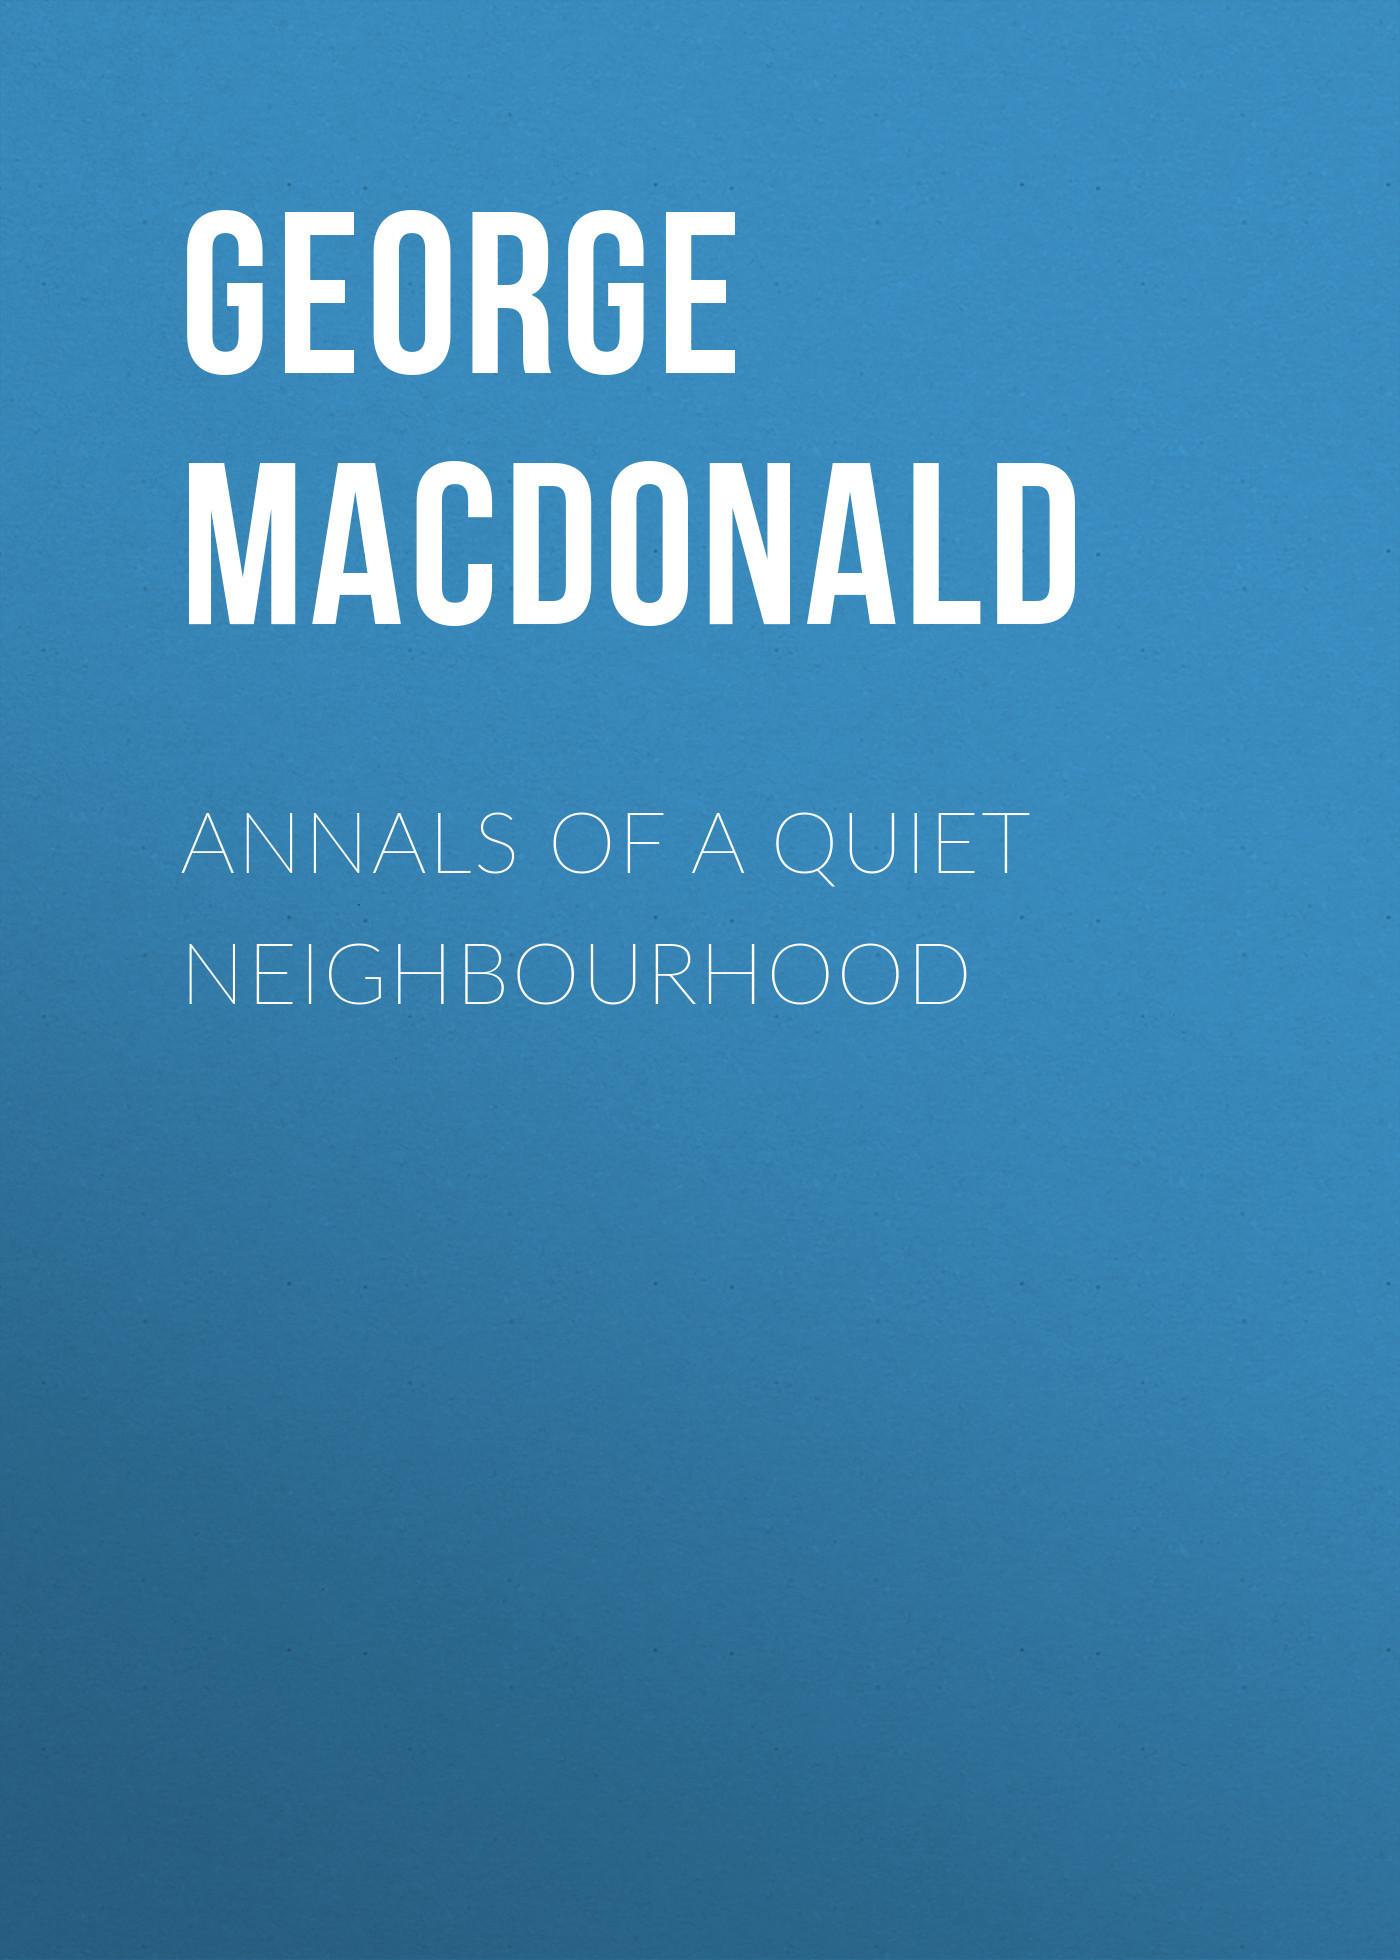 George MacDonald Annals of a Quiet Neighbourhood